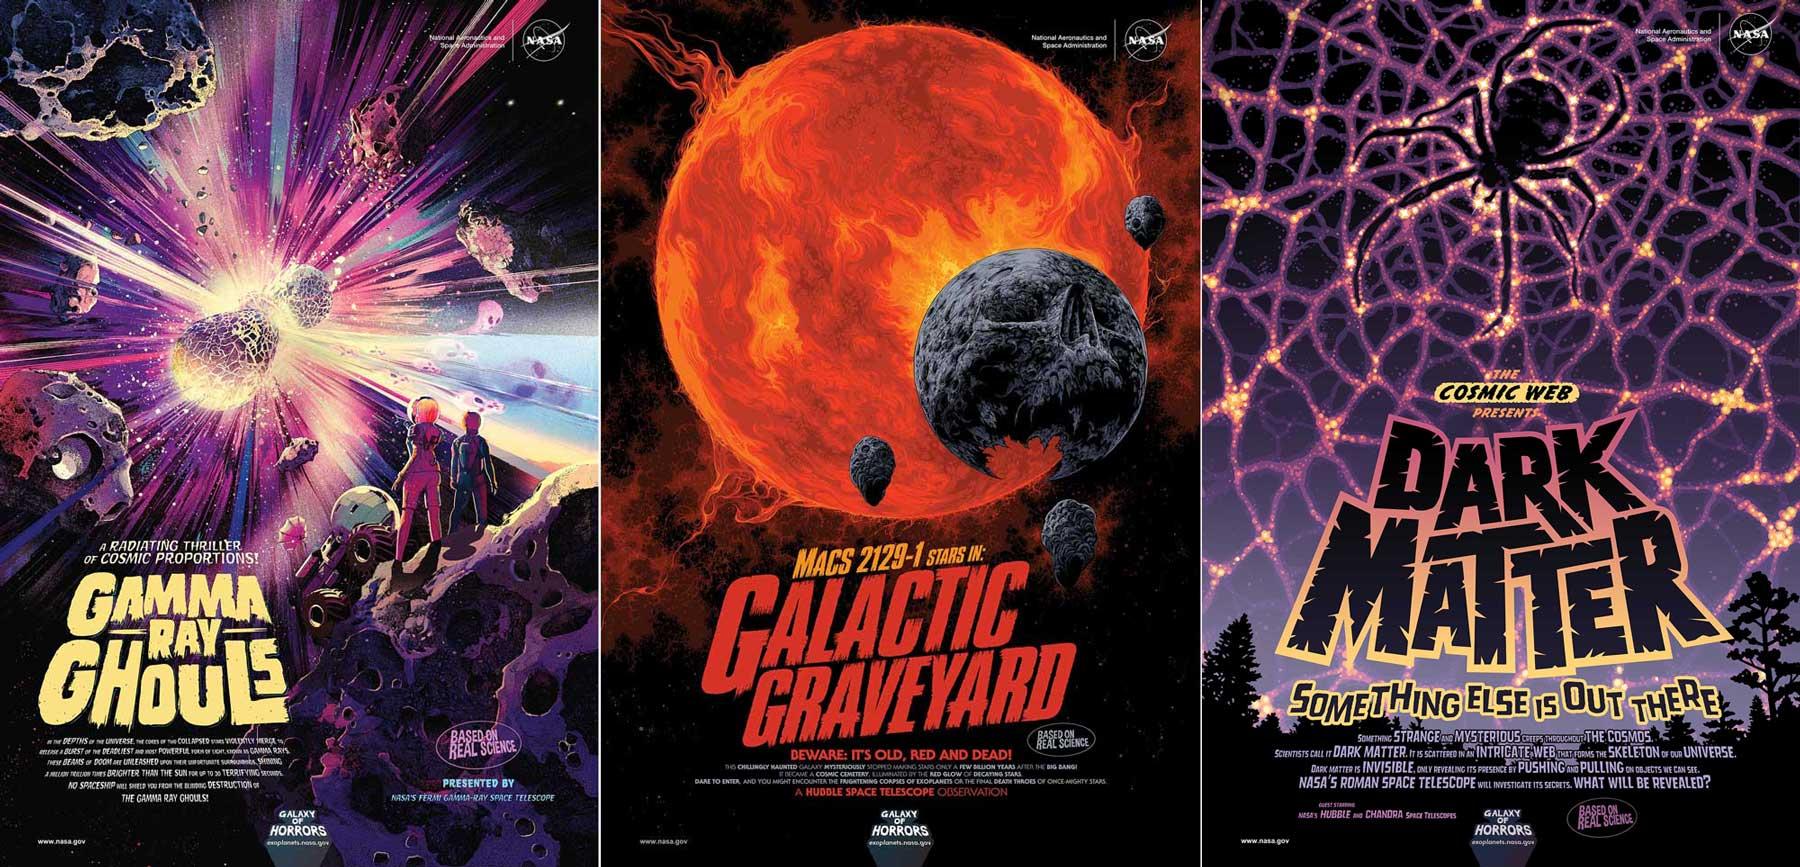 Nuevos posters NASA para Halloween: la Galaxia de los Horrores